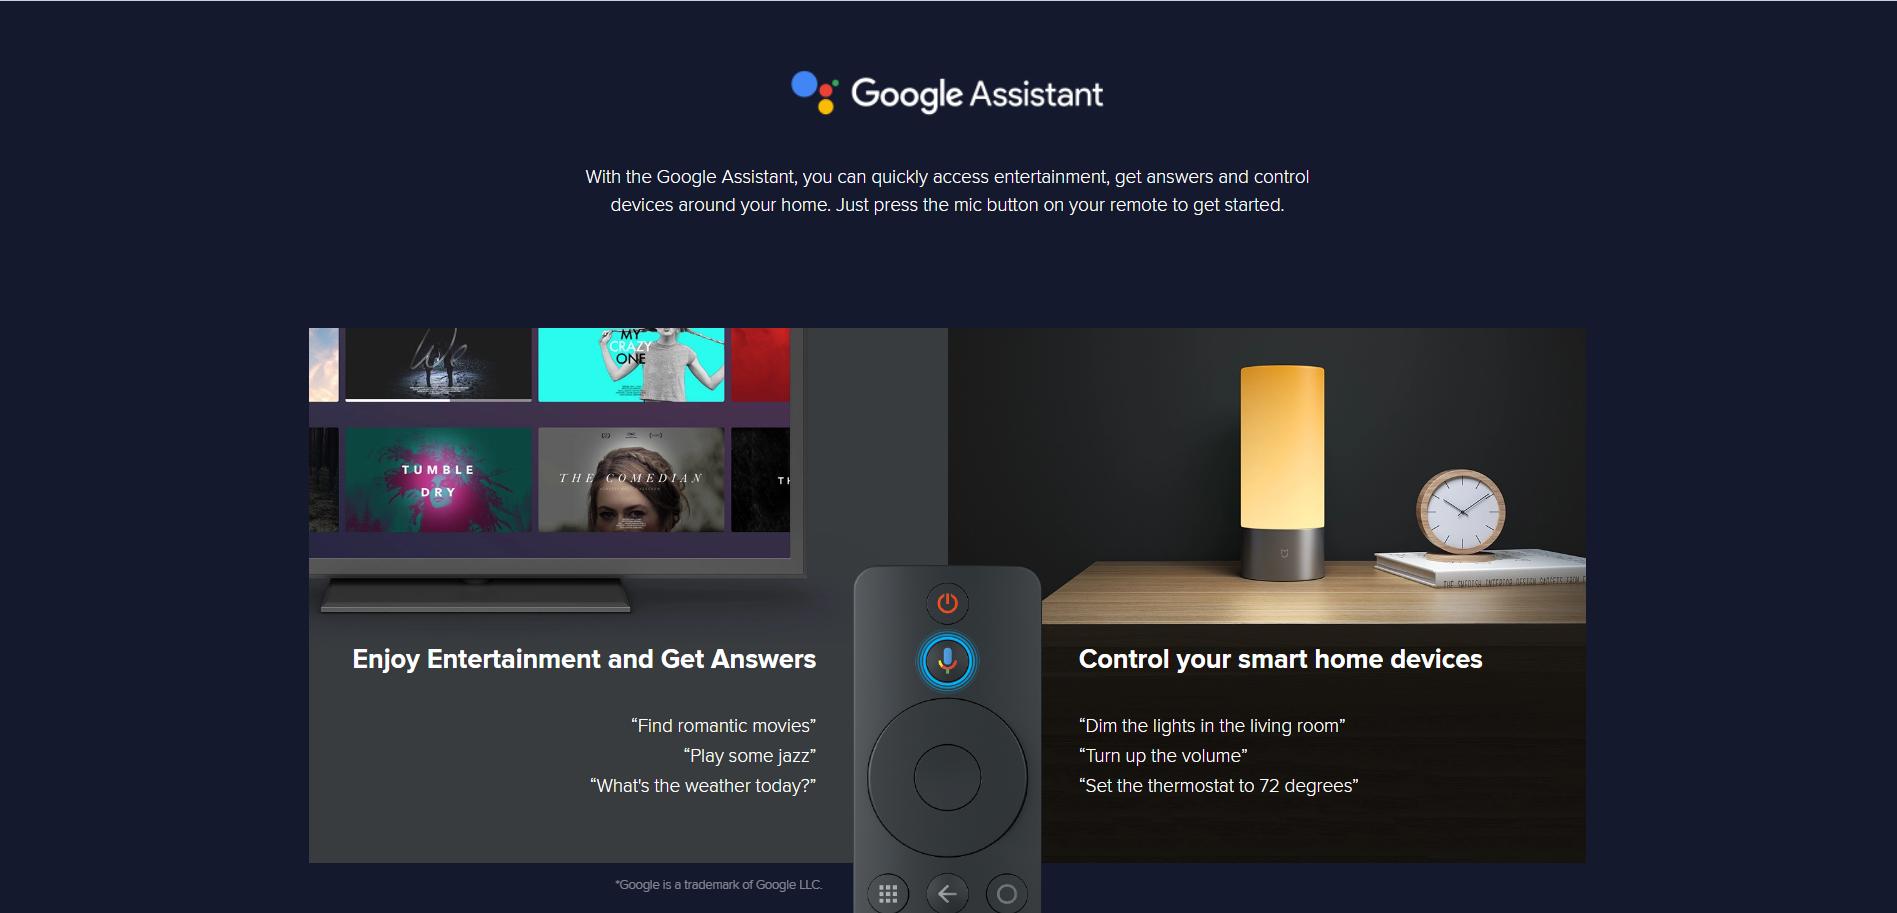 Xiaomi Mi S - Google Assistant